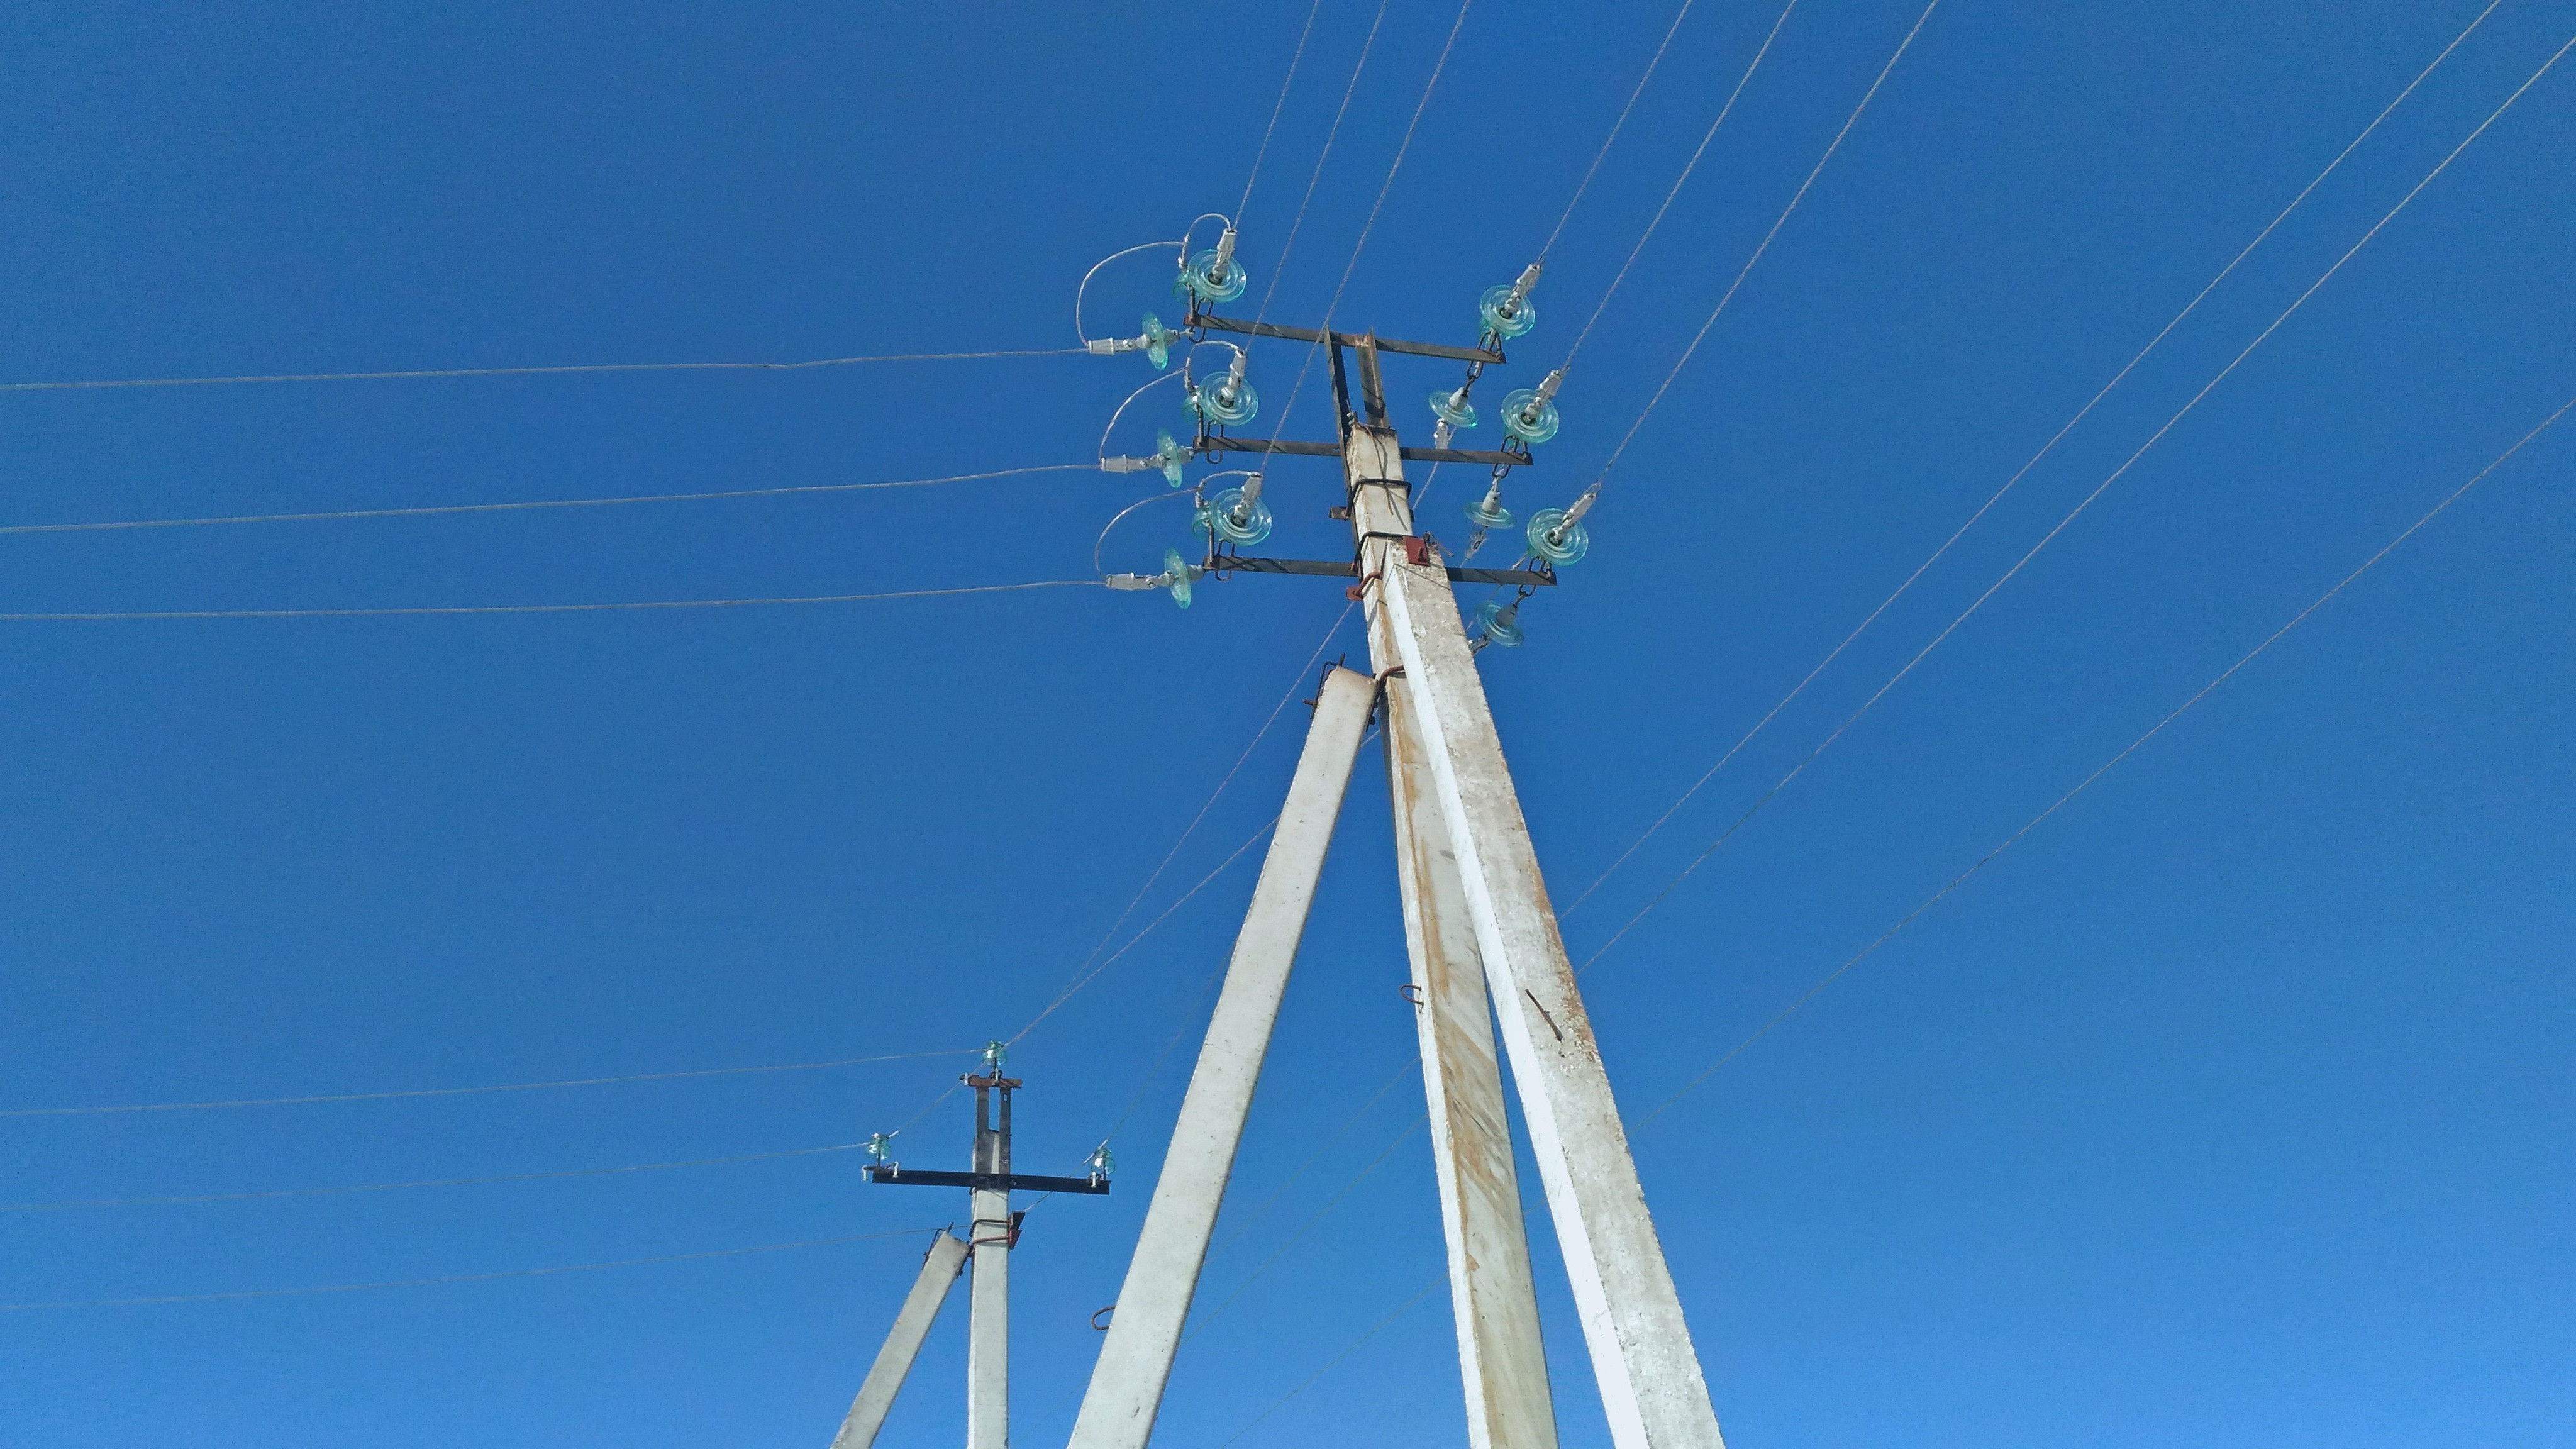 Энергетики ДРСК в Приморье, Приамурье и Хабаровском крае работают в режиме повышенной готовности